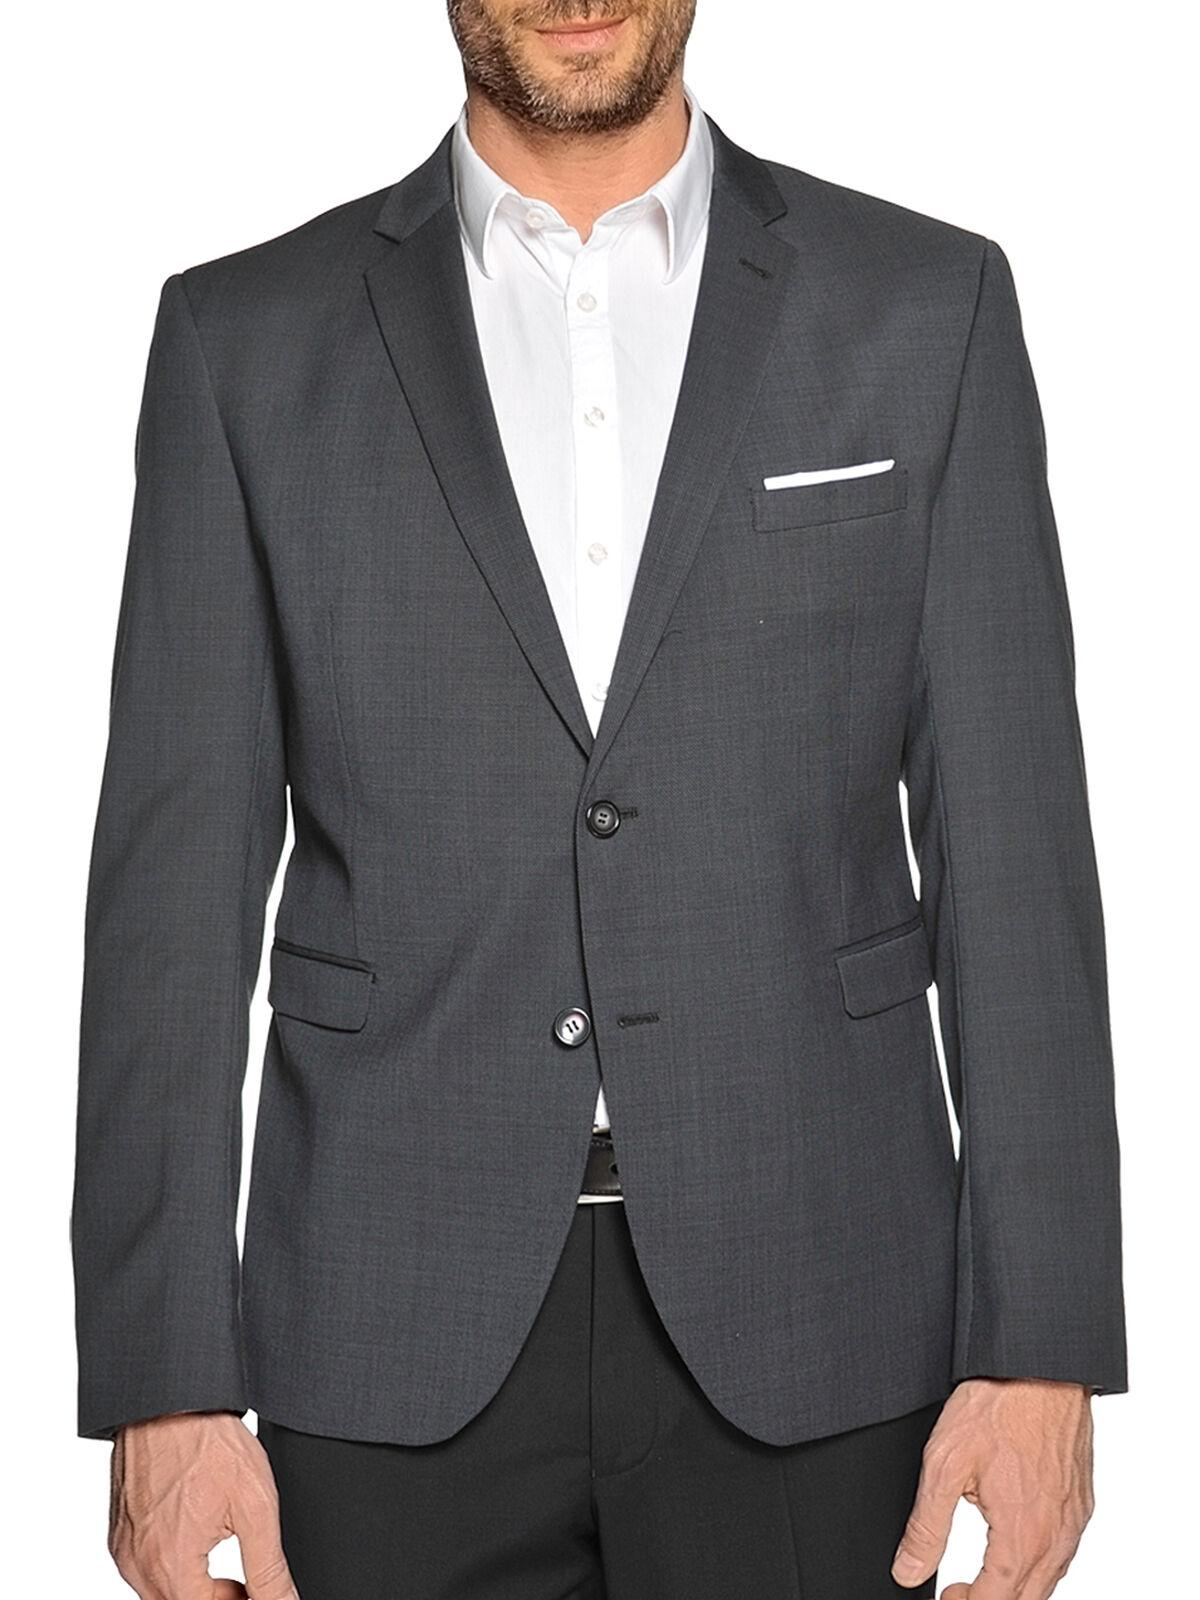 Colbert Super Slim fit